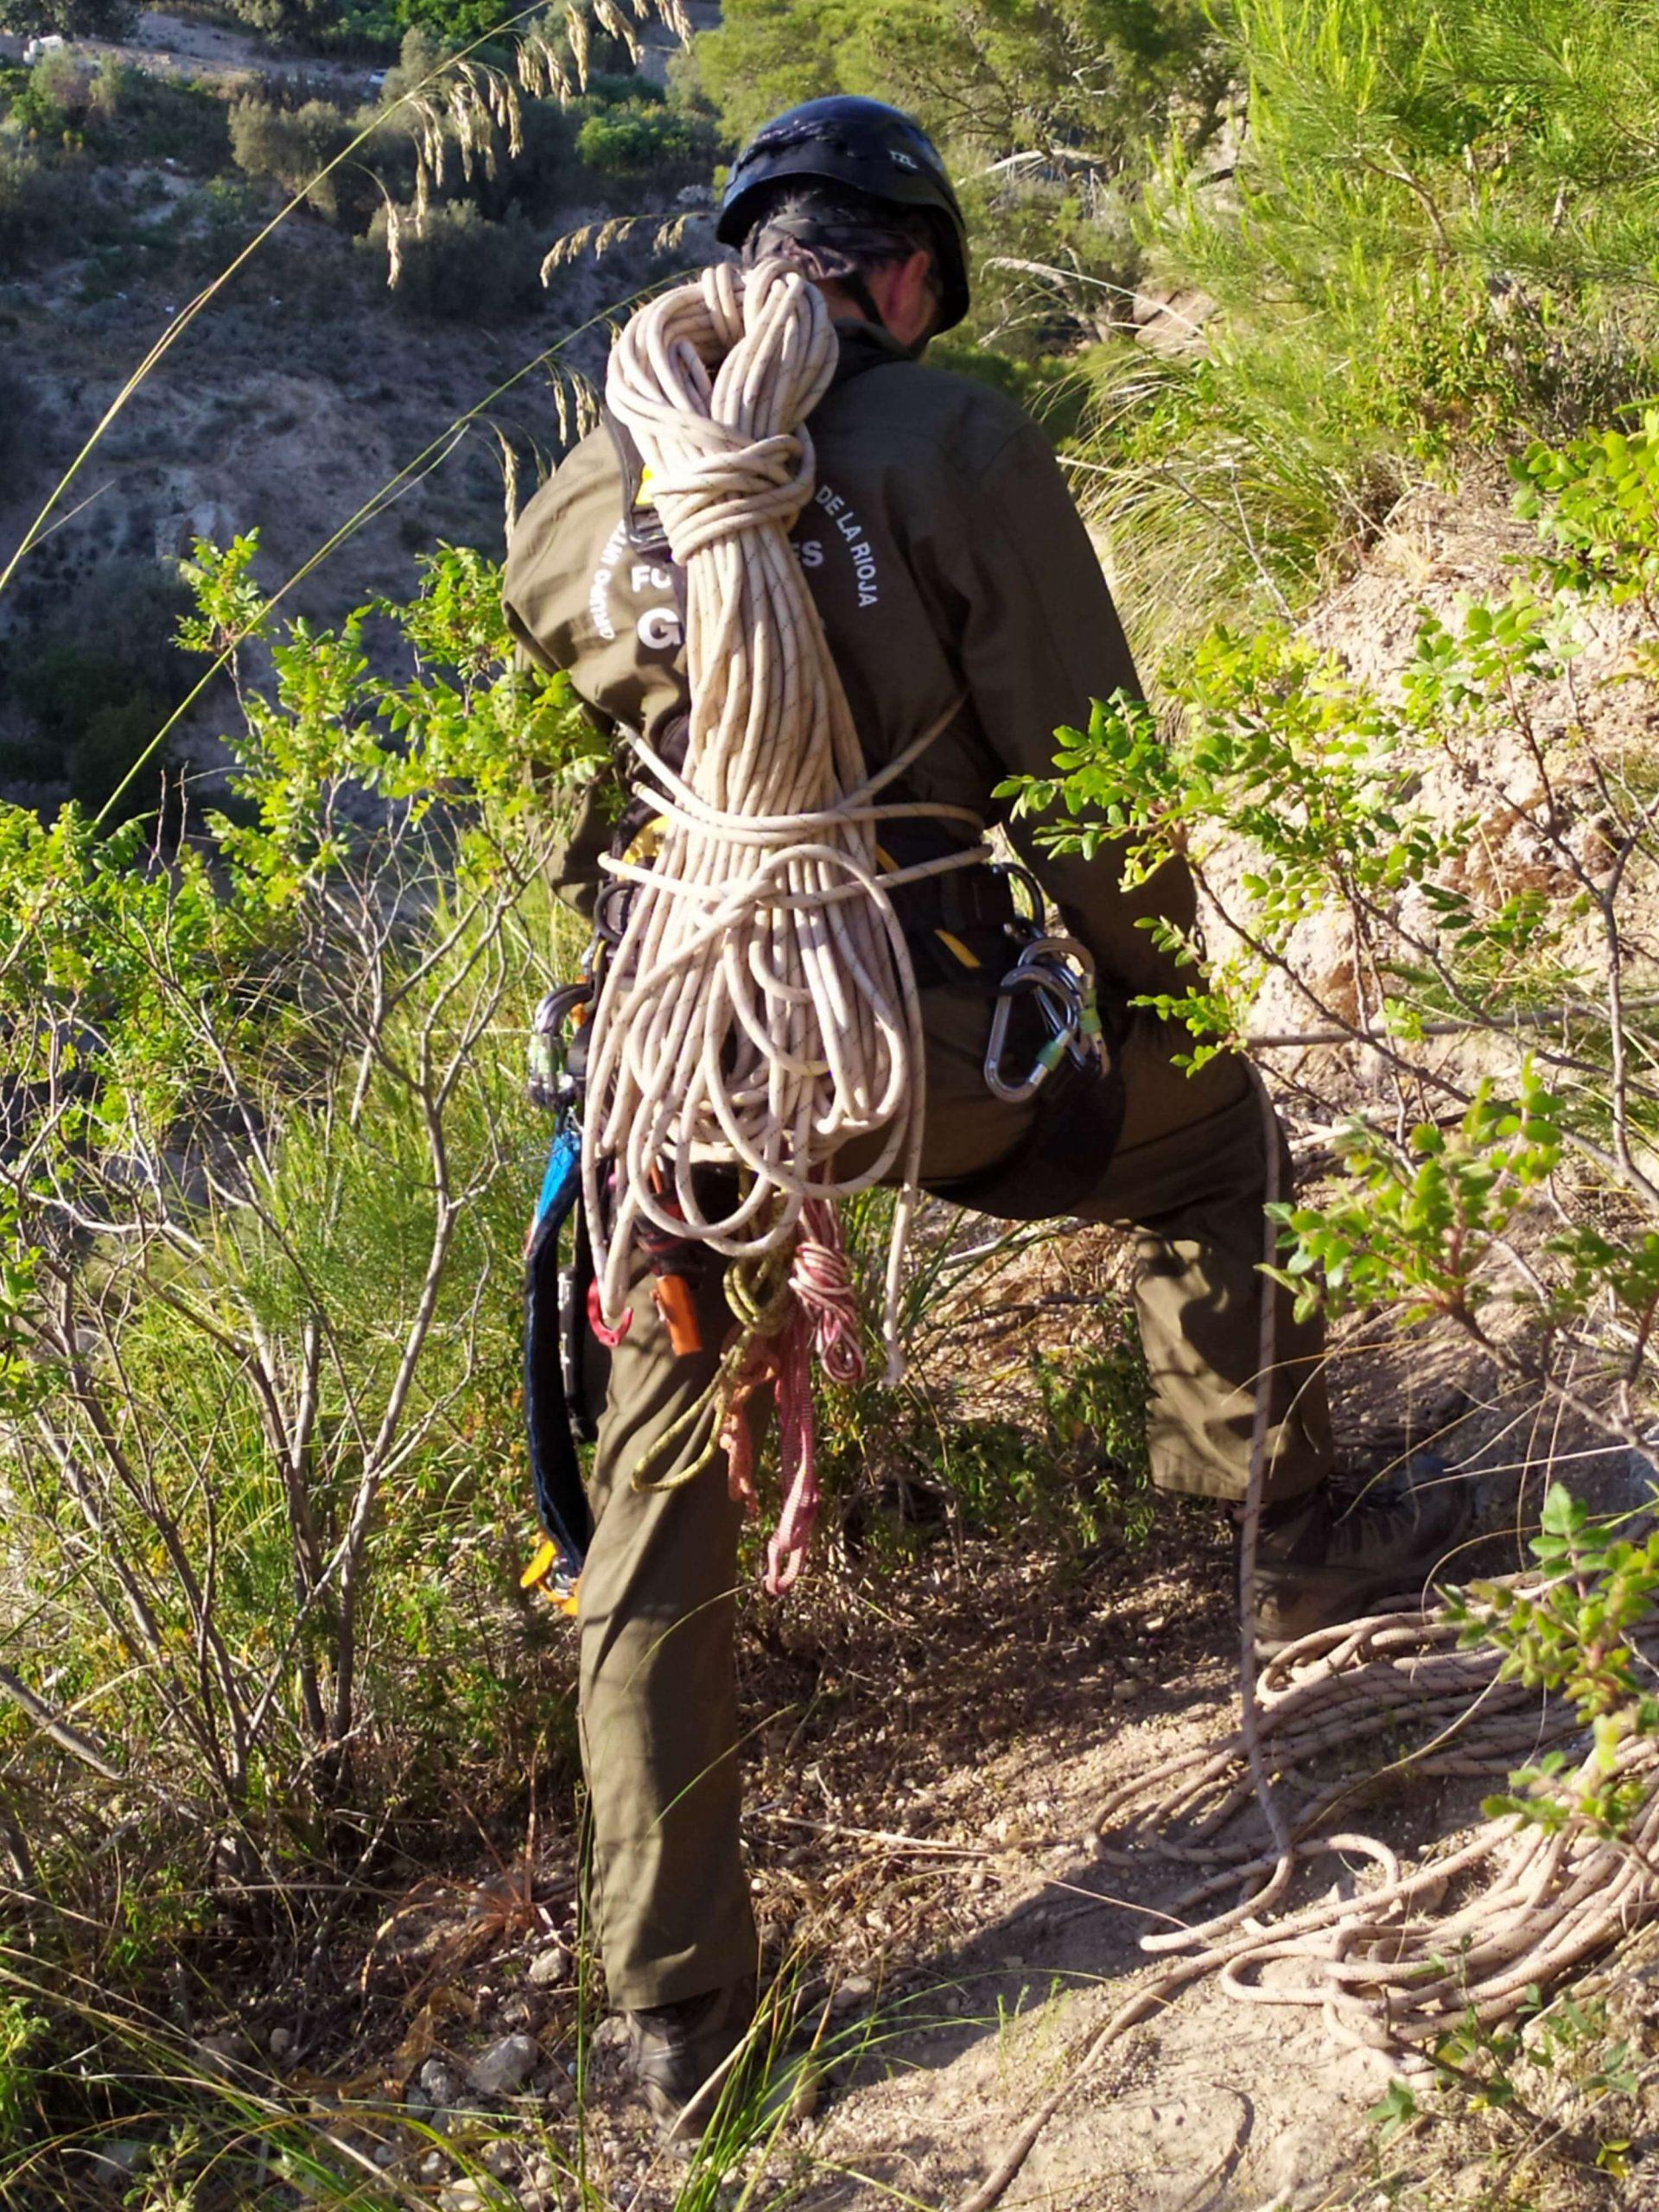 Operazione preparatorie del team di rocciatori spagnoli (foto Pollutri)